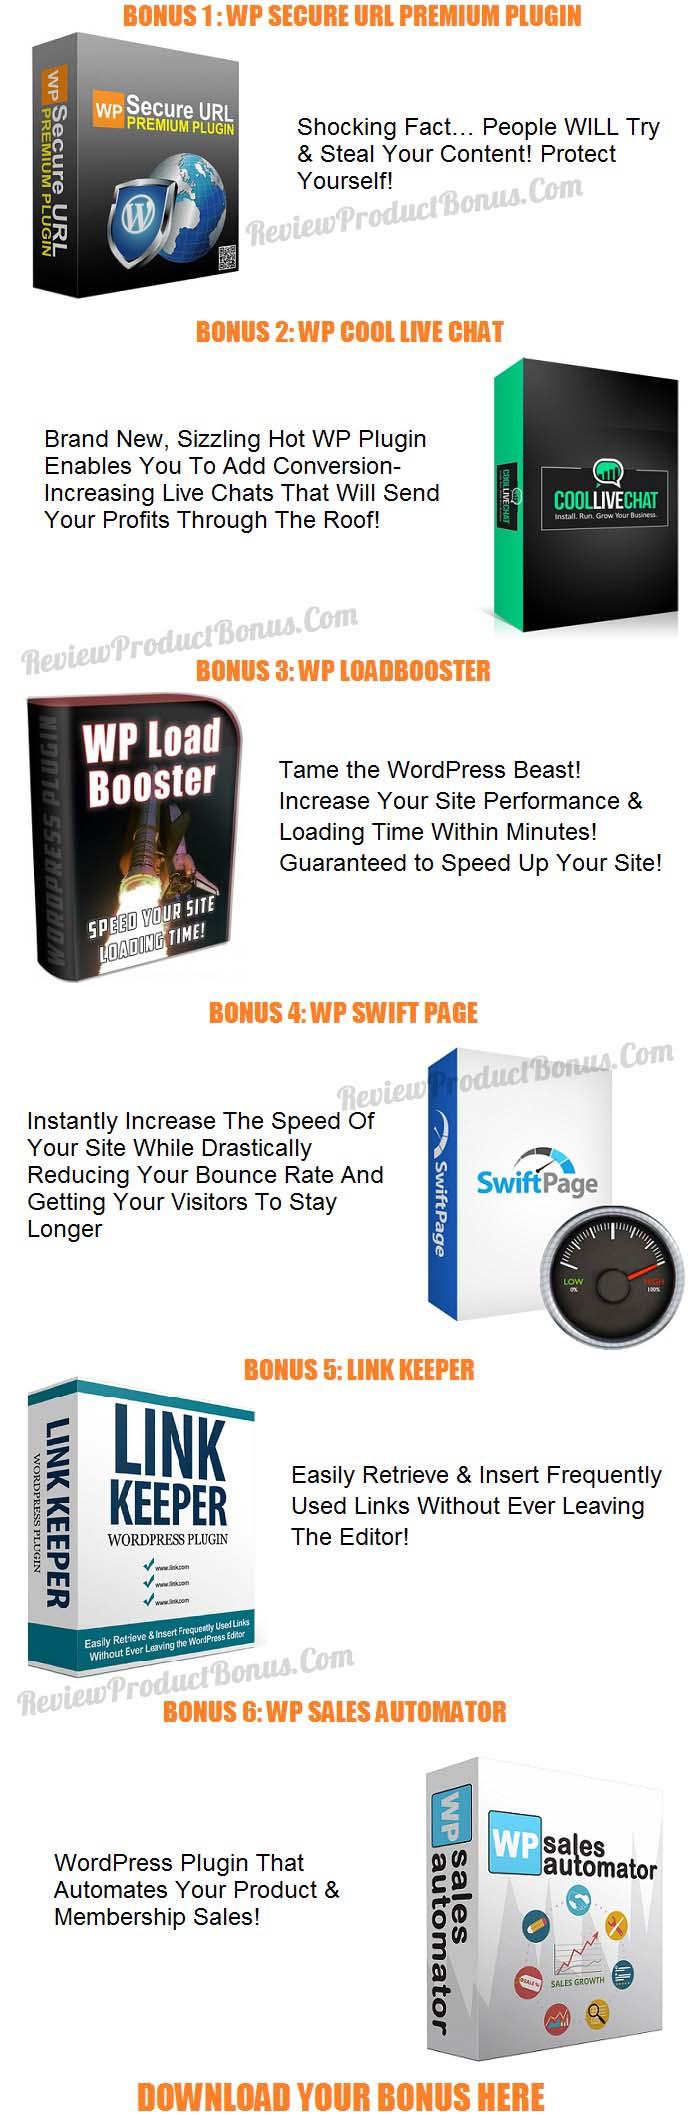 WP Quick Launch 3.0 Bonus